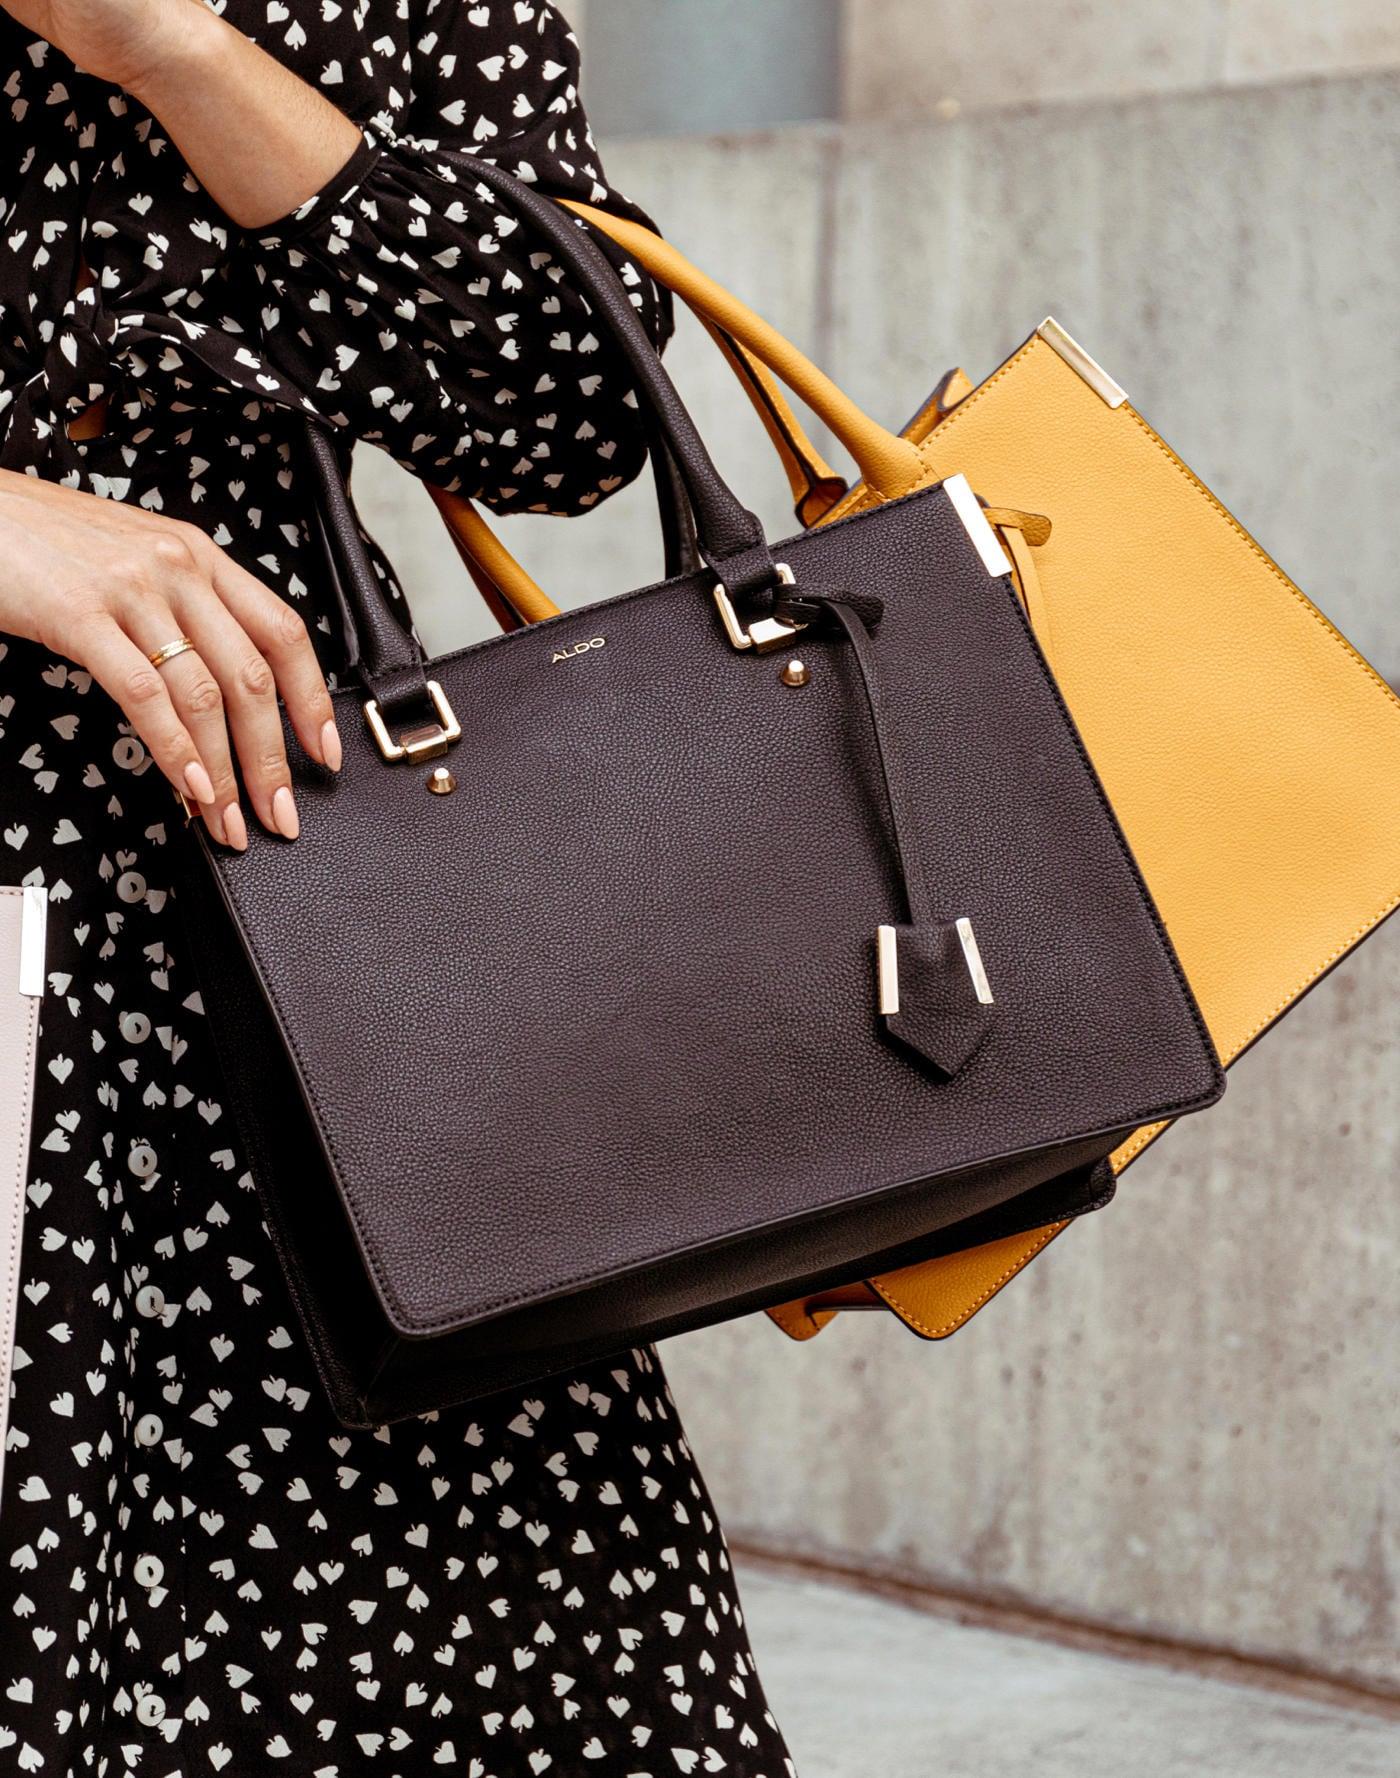 high quality factory price 50% price Women's Handbag Sale   ALDO US   Aldoshoes.com US